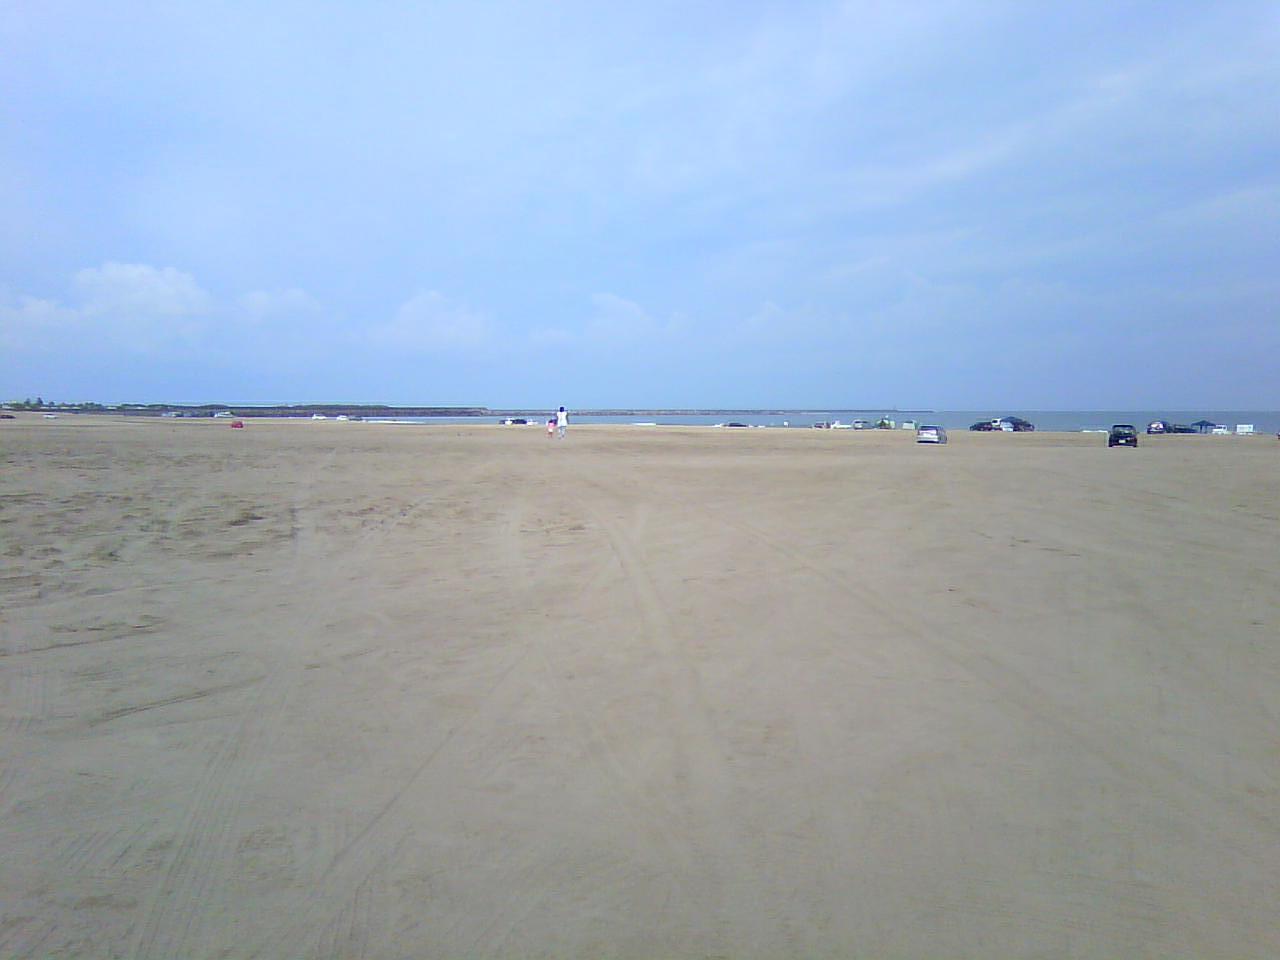 海8月23日(日)_b0112351_12232776.jpg